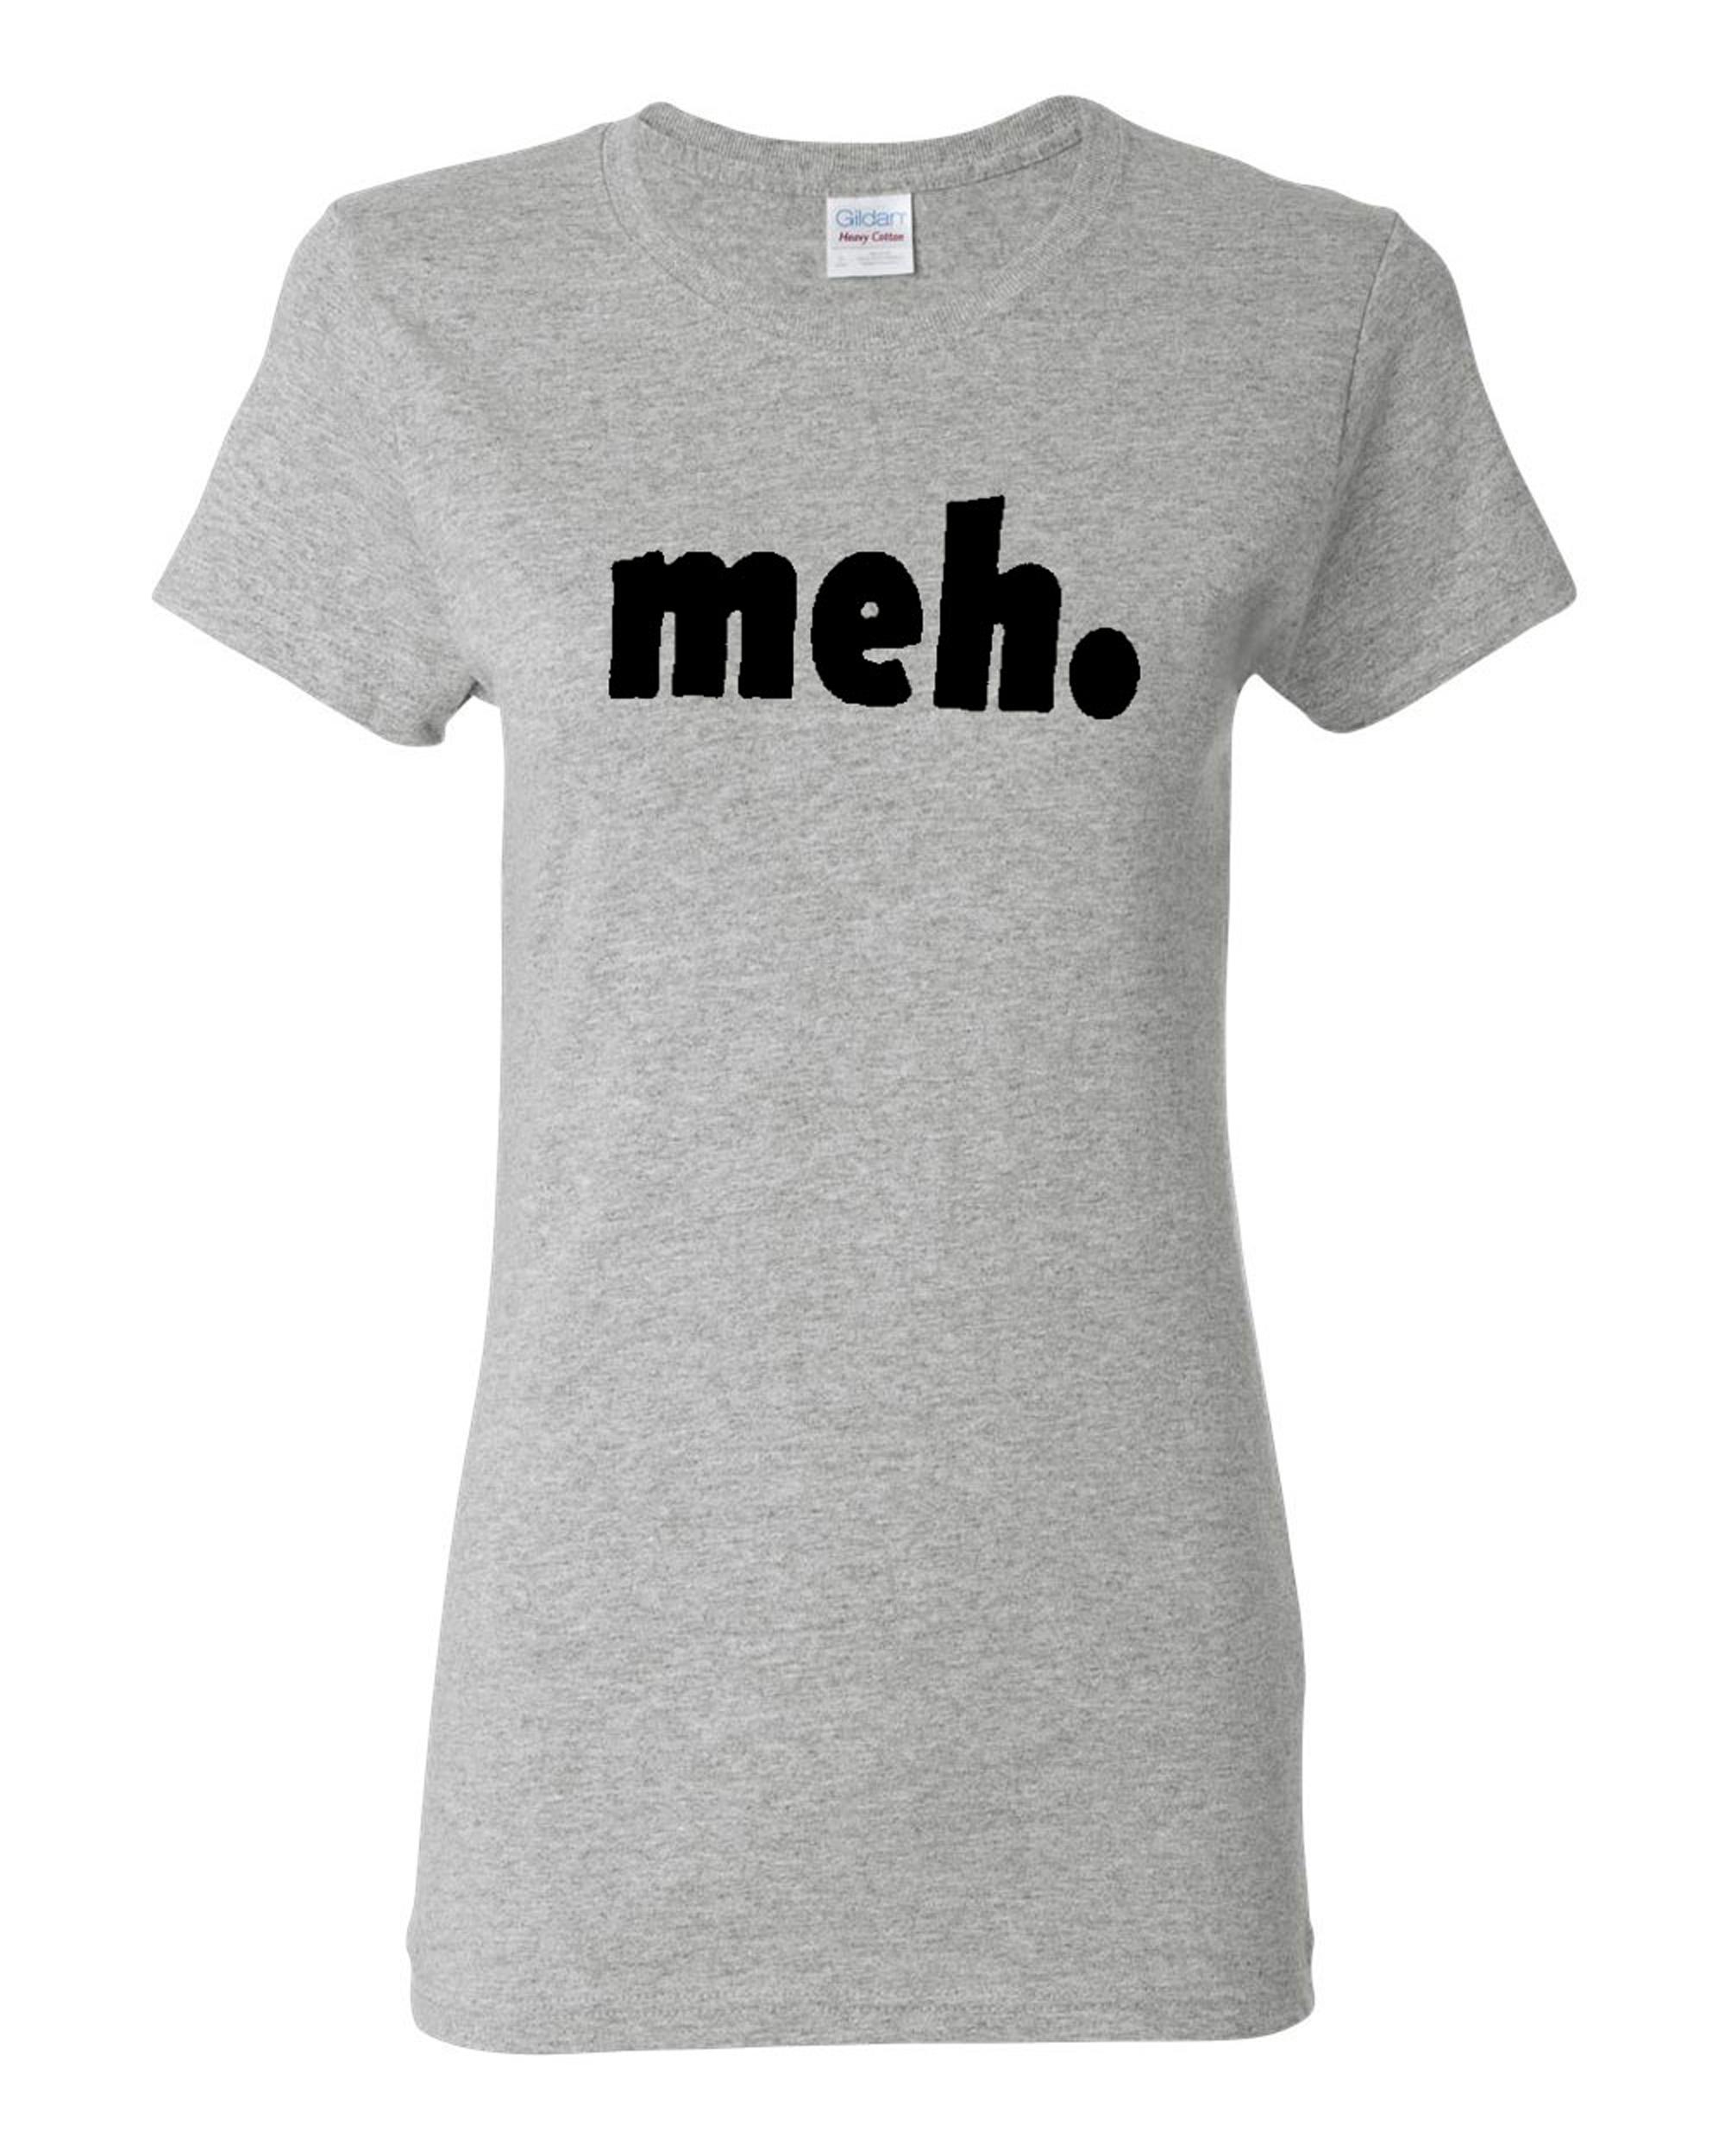 Ladies Meh Geek Nerd Cool Retro Funny T-Shirt Tee